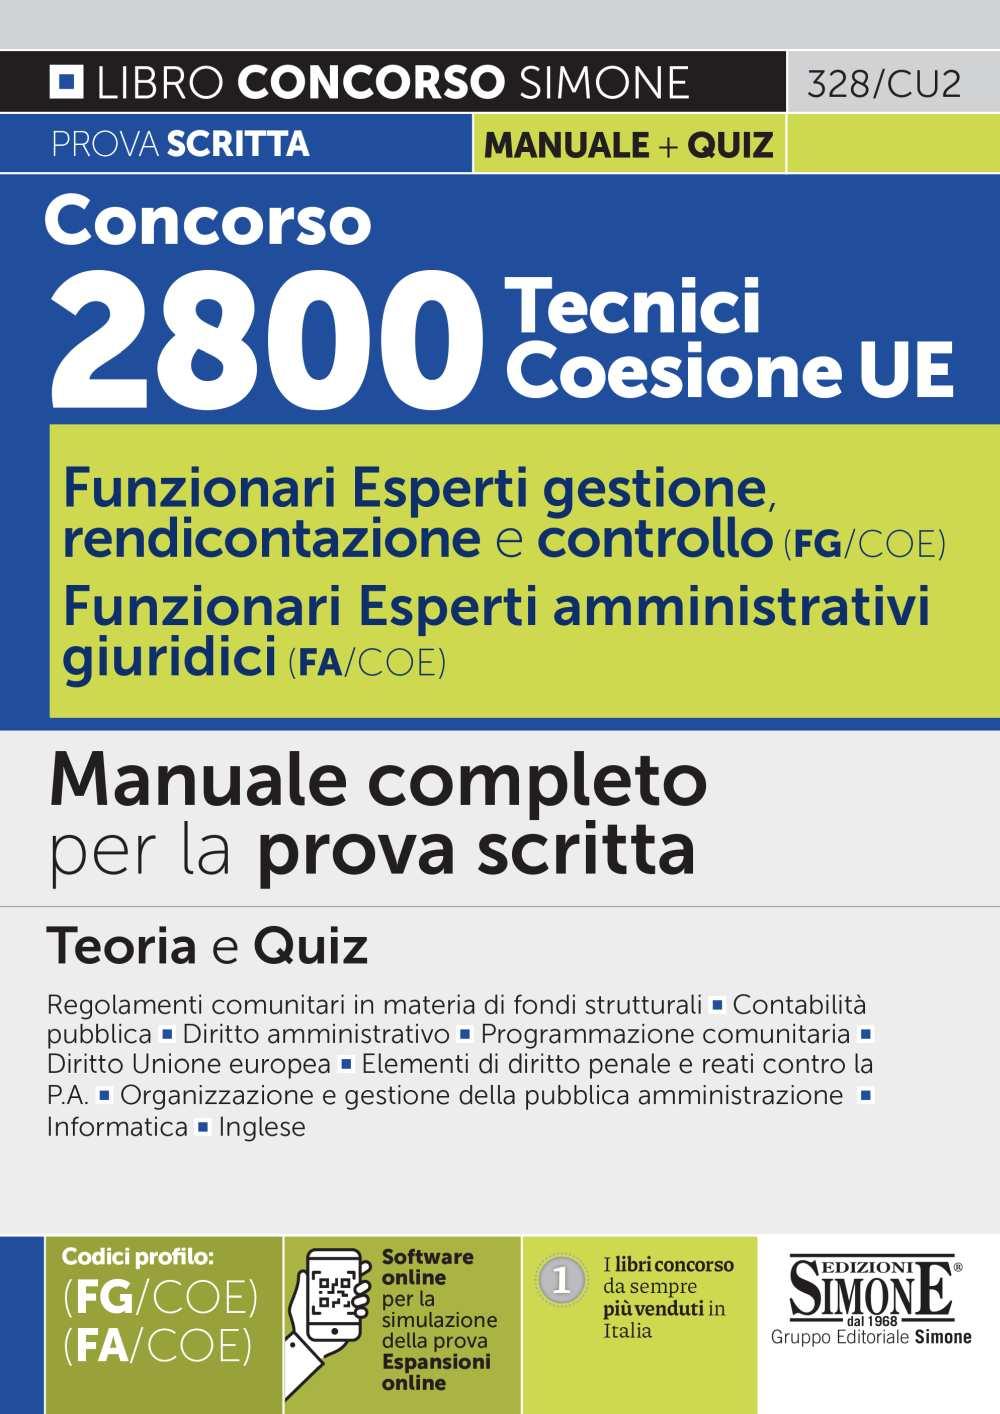 9788891428295 Concorso 2800 Tecnici Coesione UE Teoria e Quiz